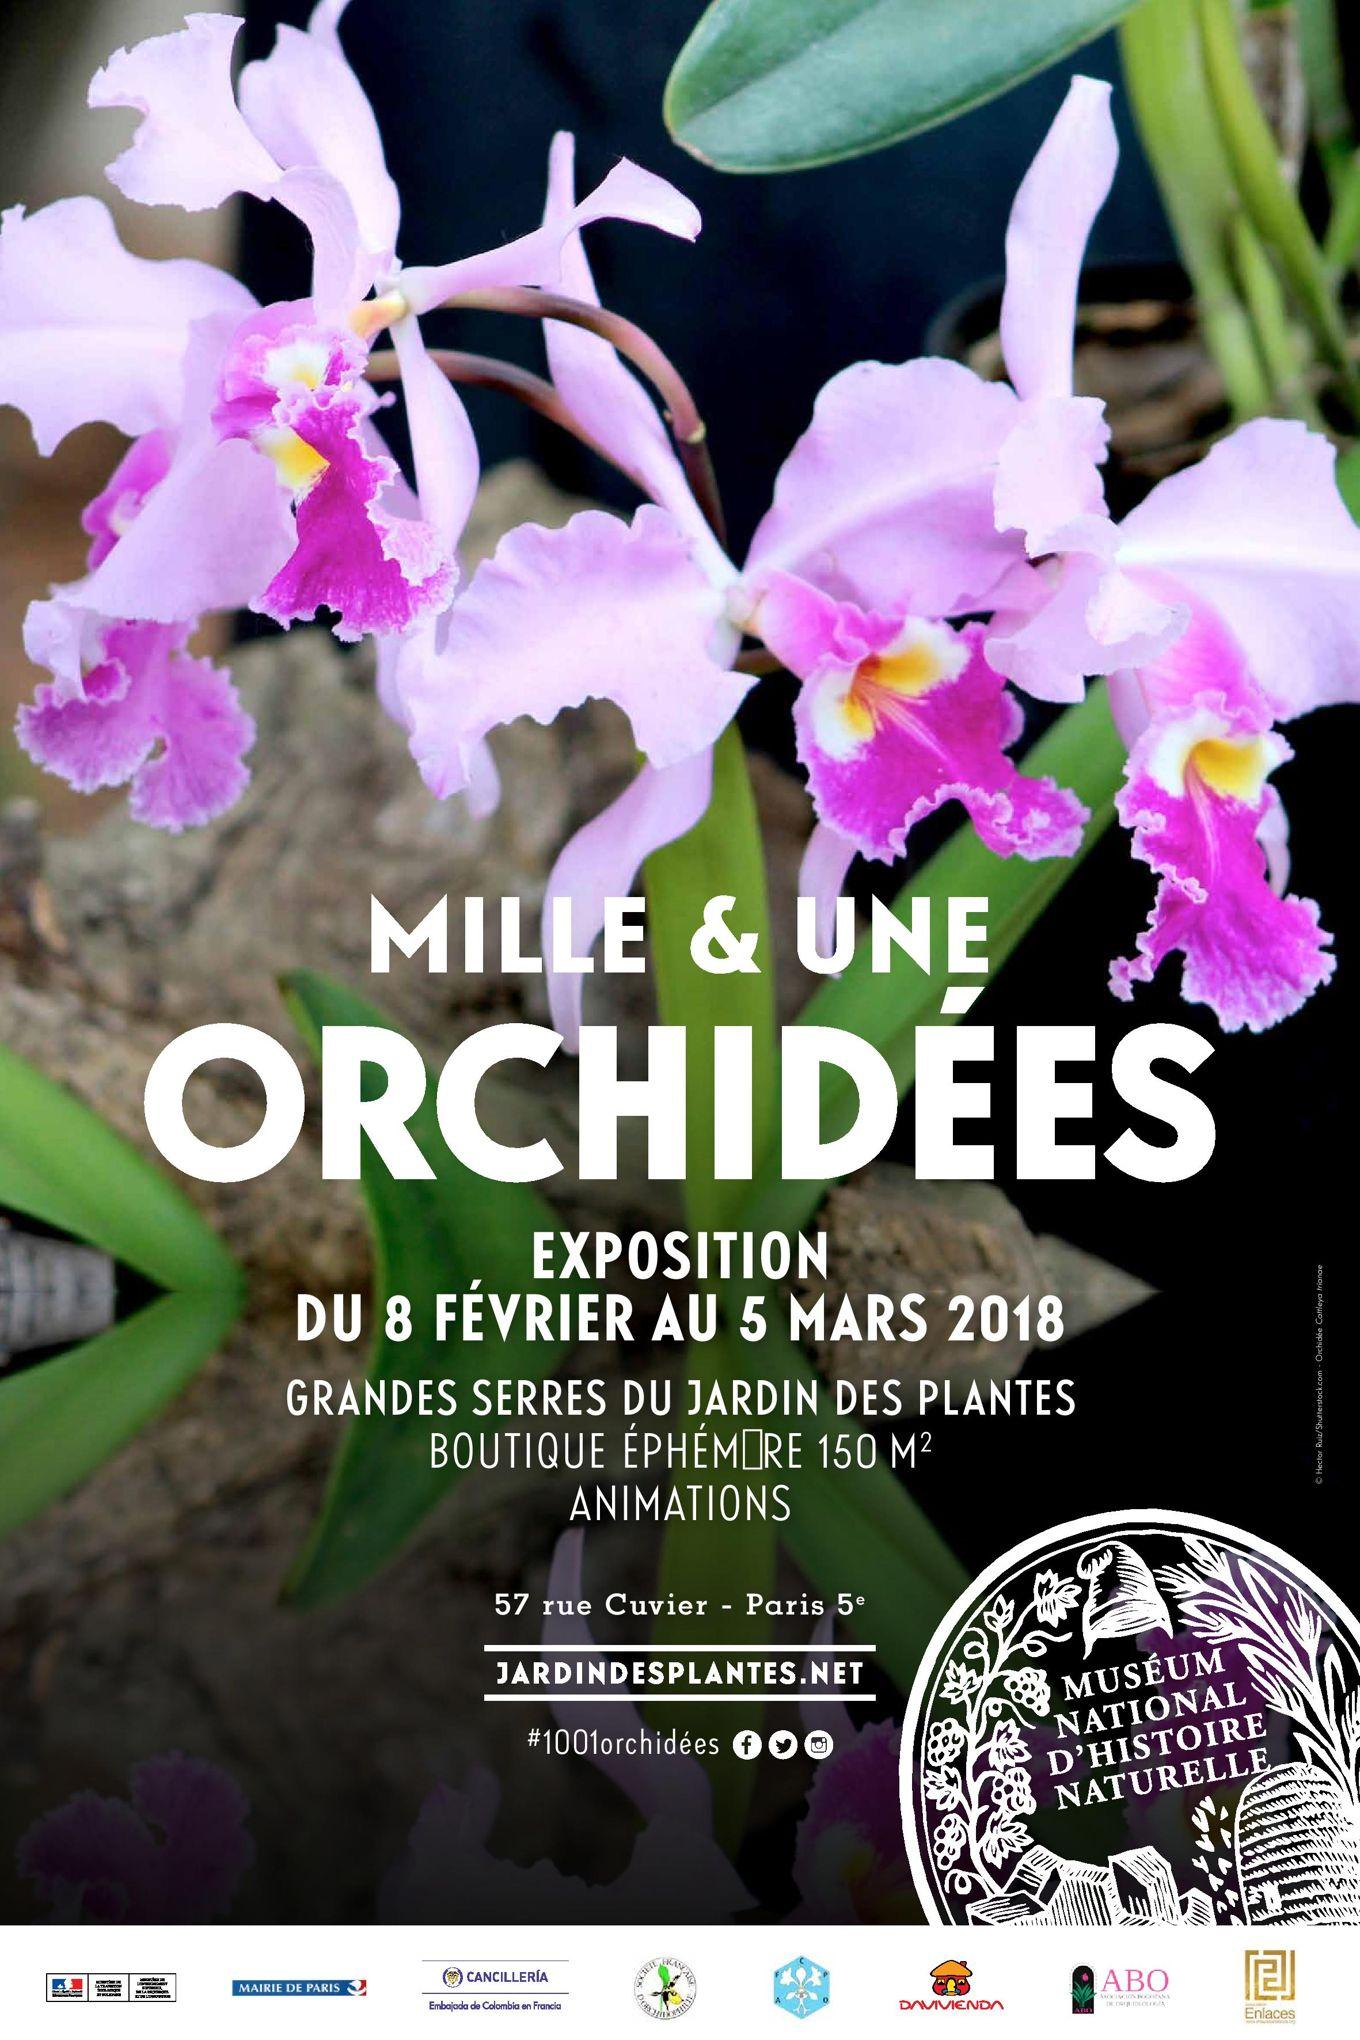 Exposition « Mille & une orchidées »: ne ratez pas la saison 6 !